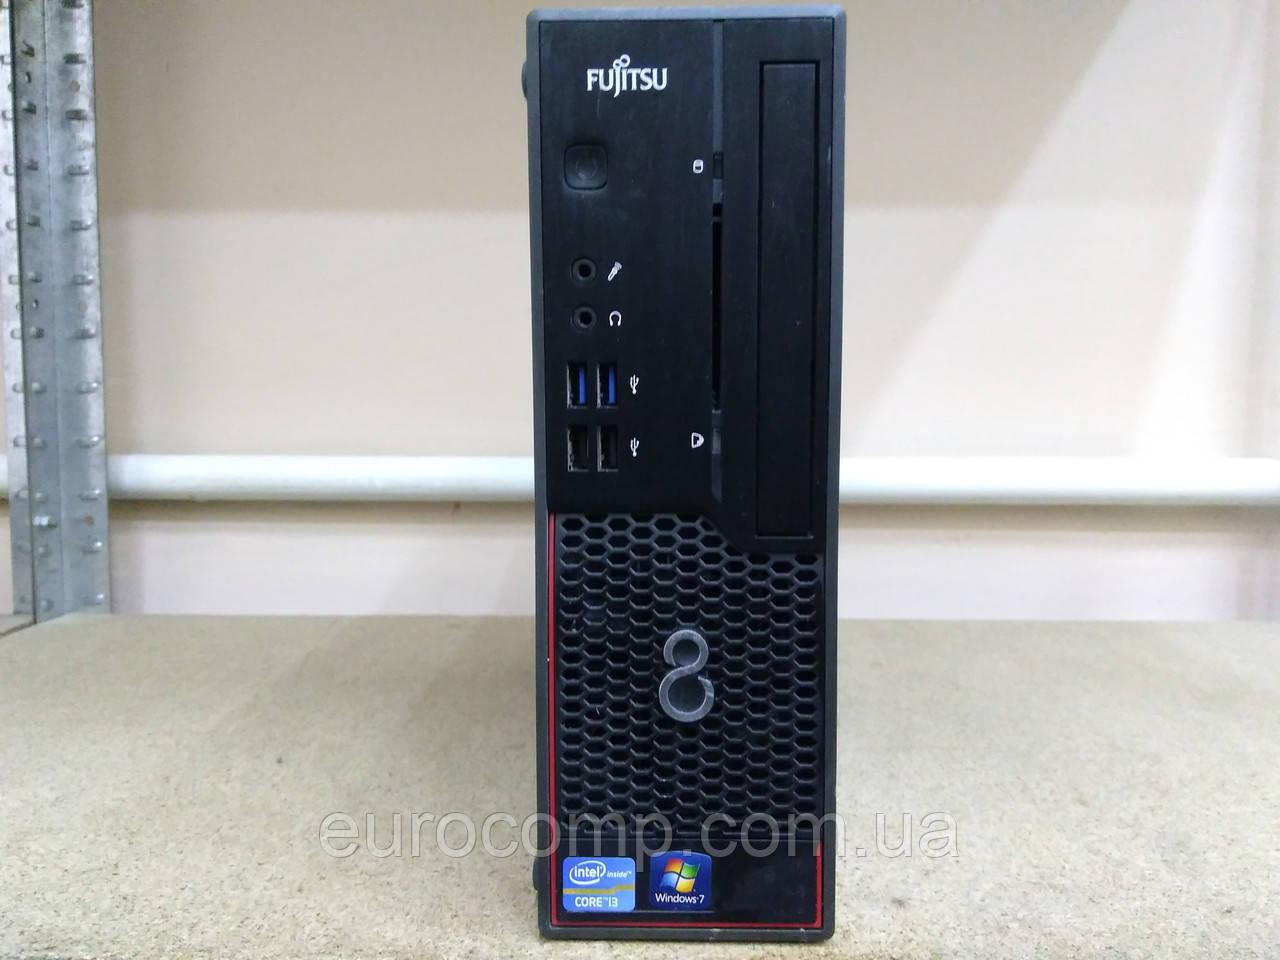 Мощный мини компьютер, медиа сервер для дома и игр на Core i3-3220 Fujitsu C710 (Windows 7 Лицензия)